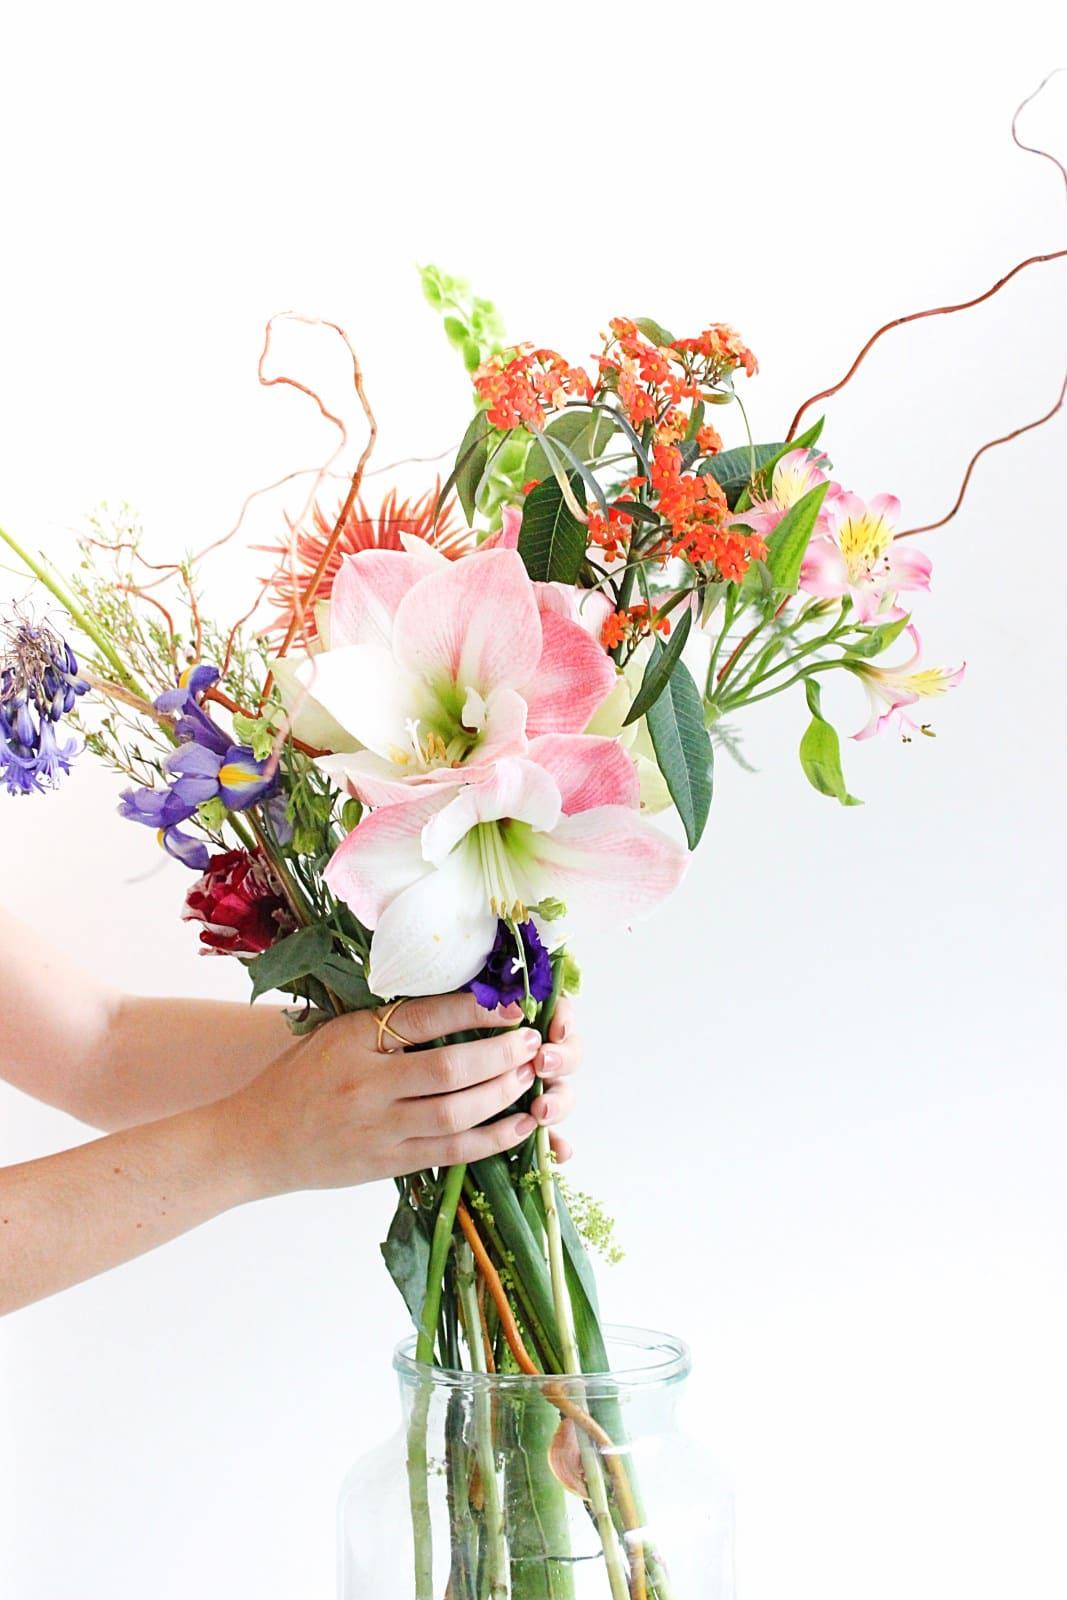 desbelleschoses-fashion-blog-köln-bloomon-im-test-frische-blumen 4